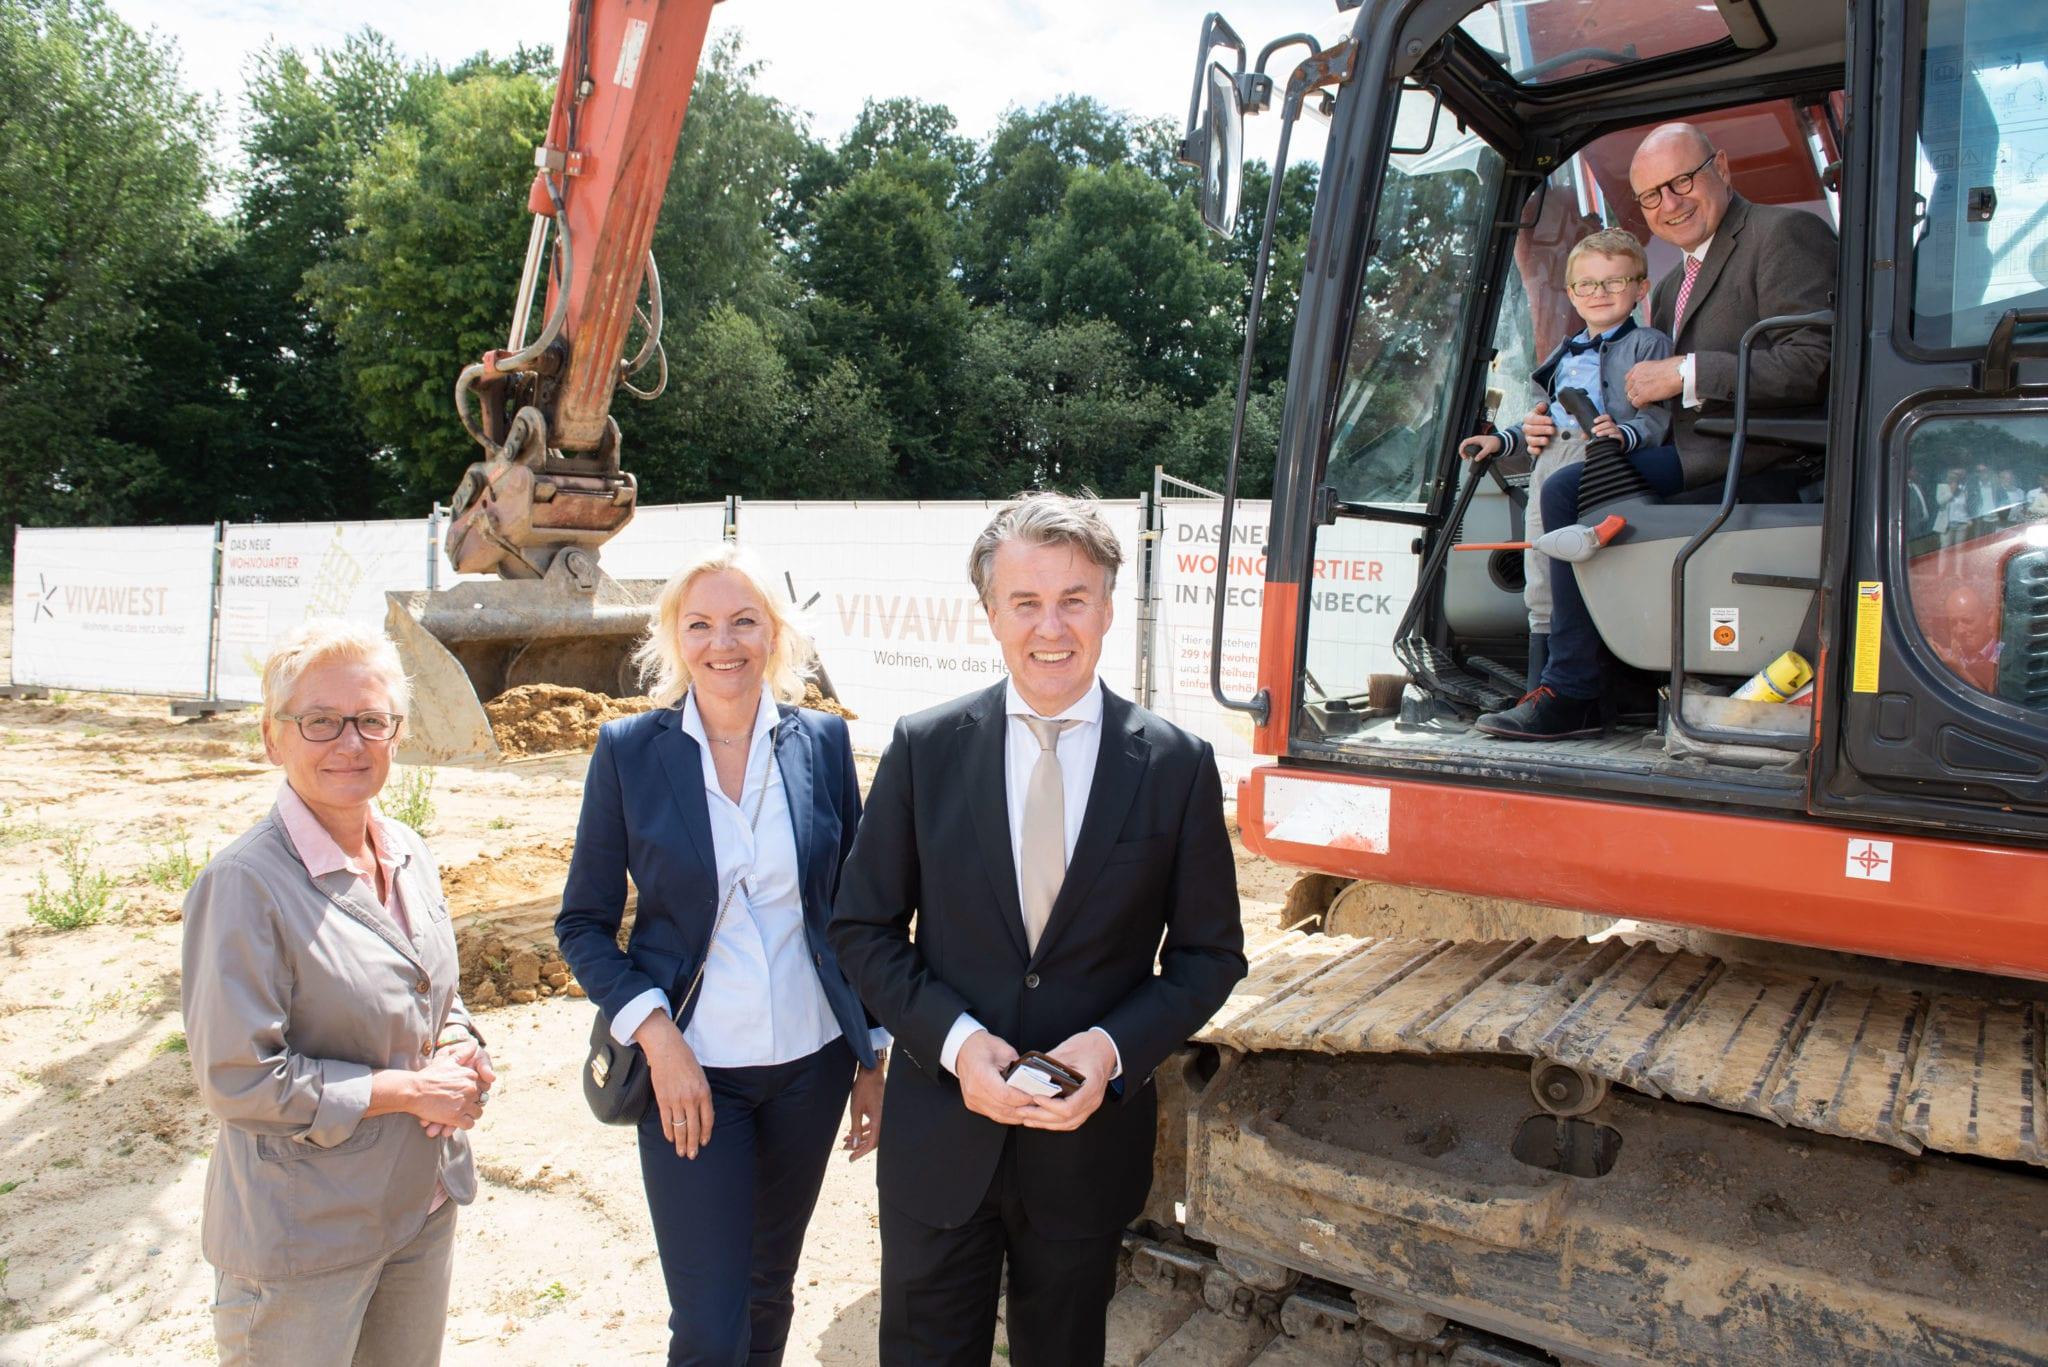 1. Spatenstich für den Bau von rund 300 neuen Mietwohnungen und 34 Reiheneinfamilienhäusern in Münster-Mecklenbeck